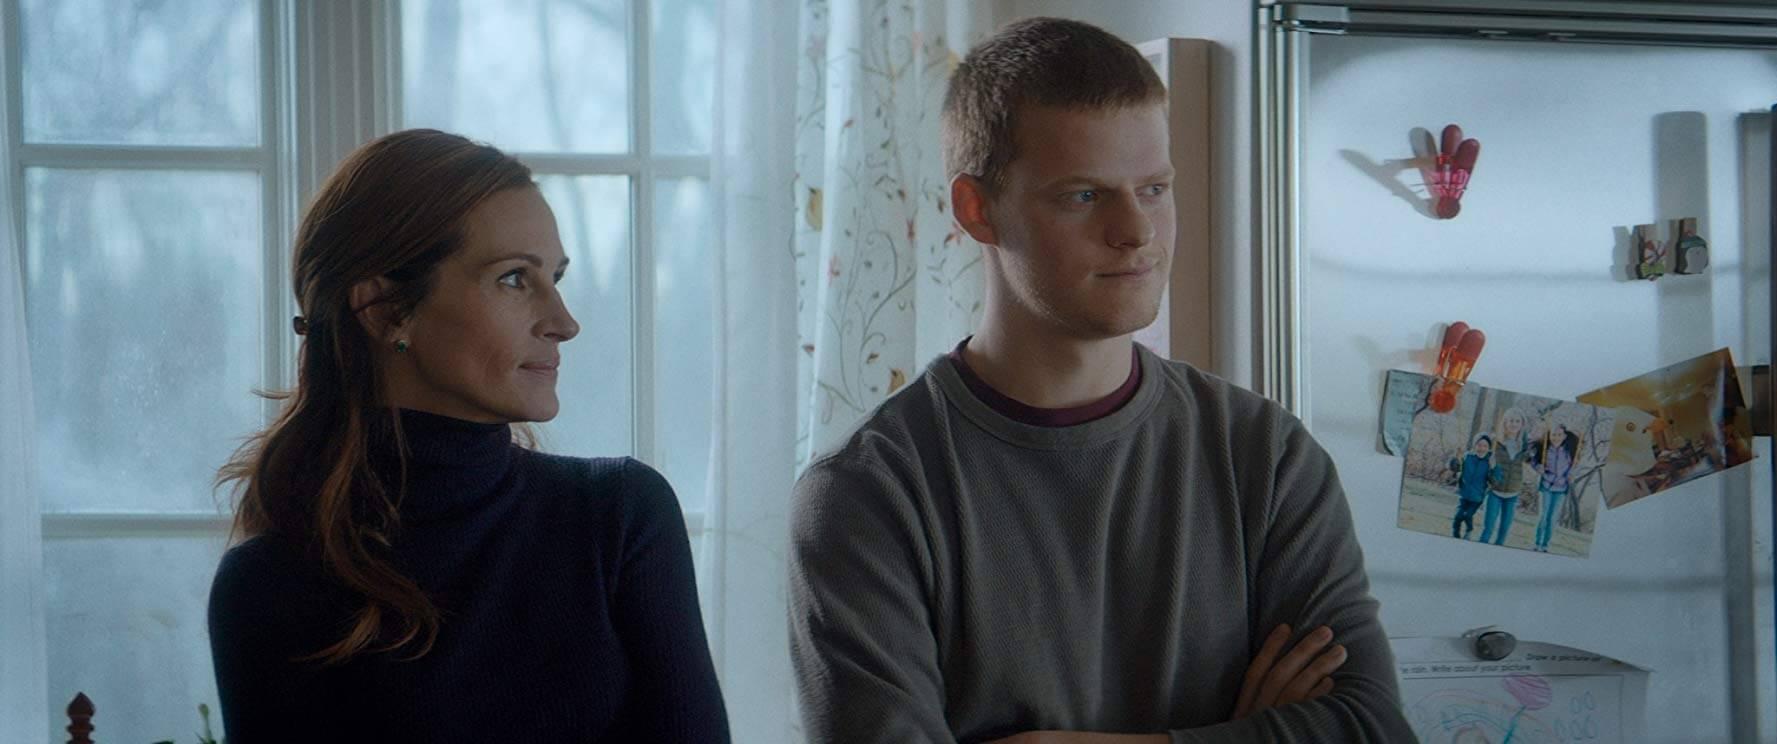 《班恩回家》中,迷途知返的兒子卻仍受毒品及惡友的箝制,班恩決心和母親一同斬斷惡的枷鎖。